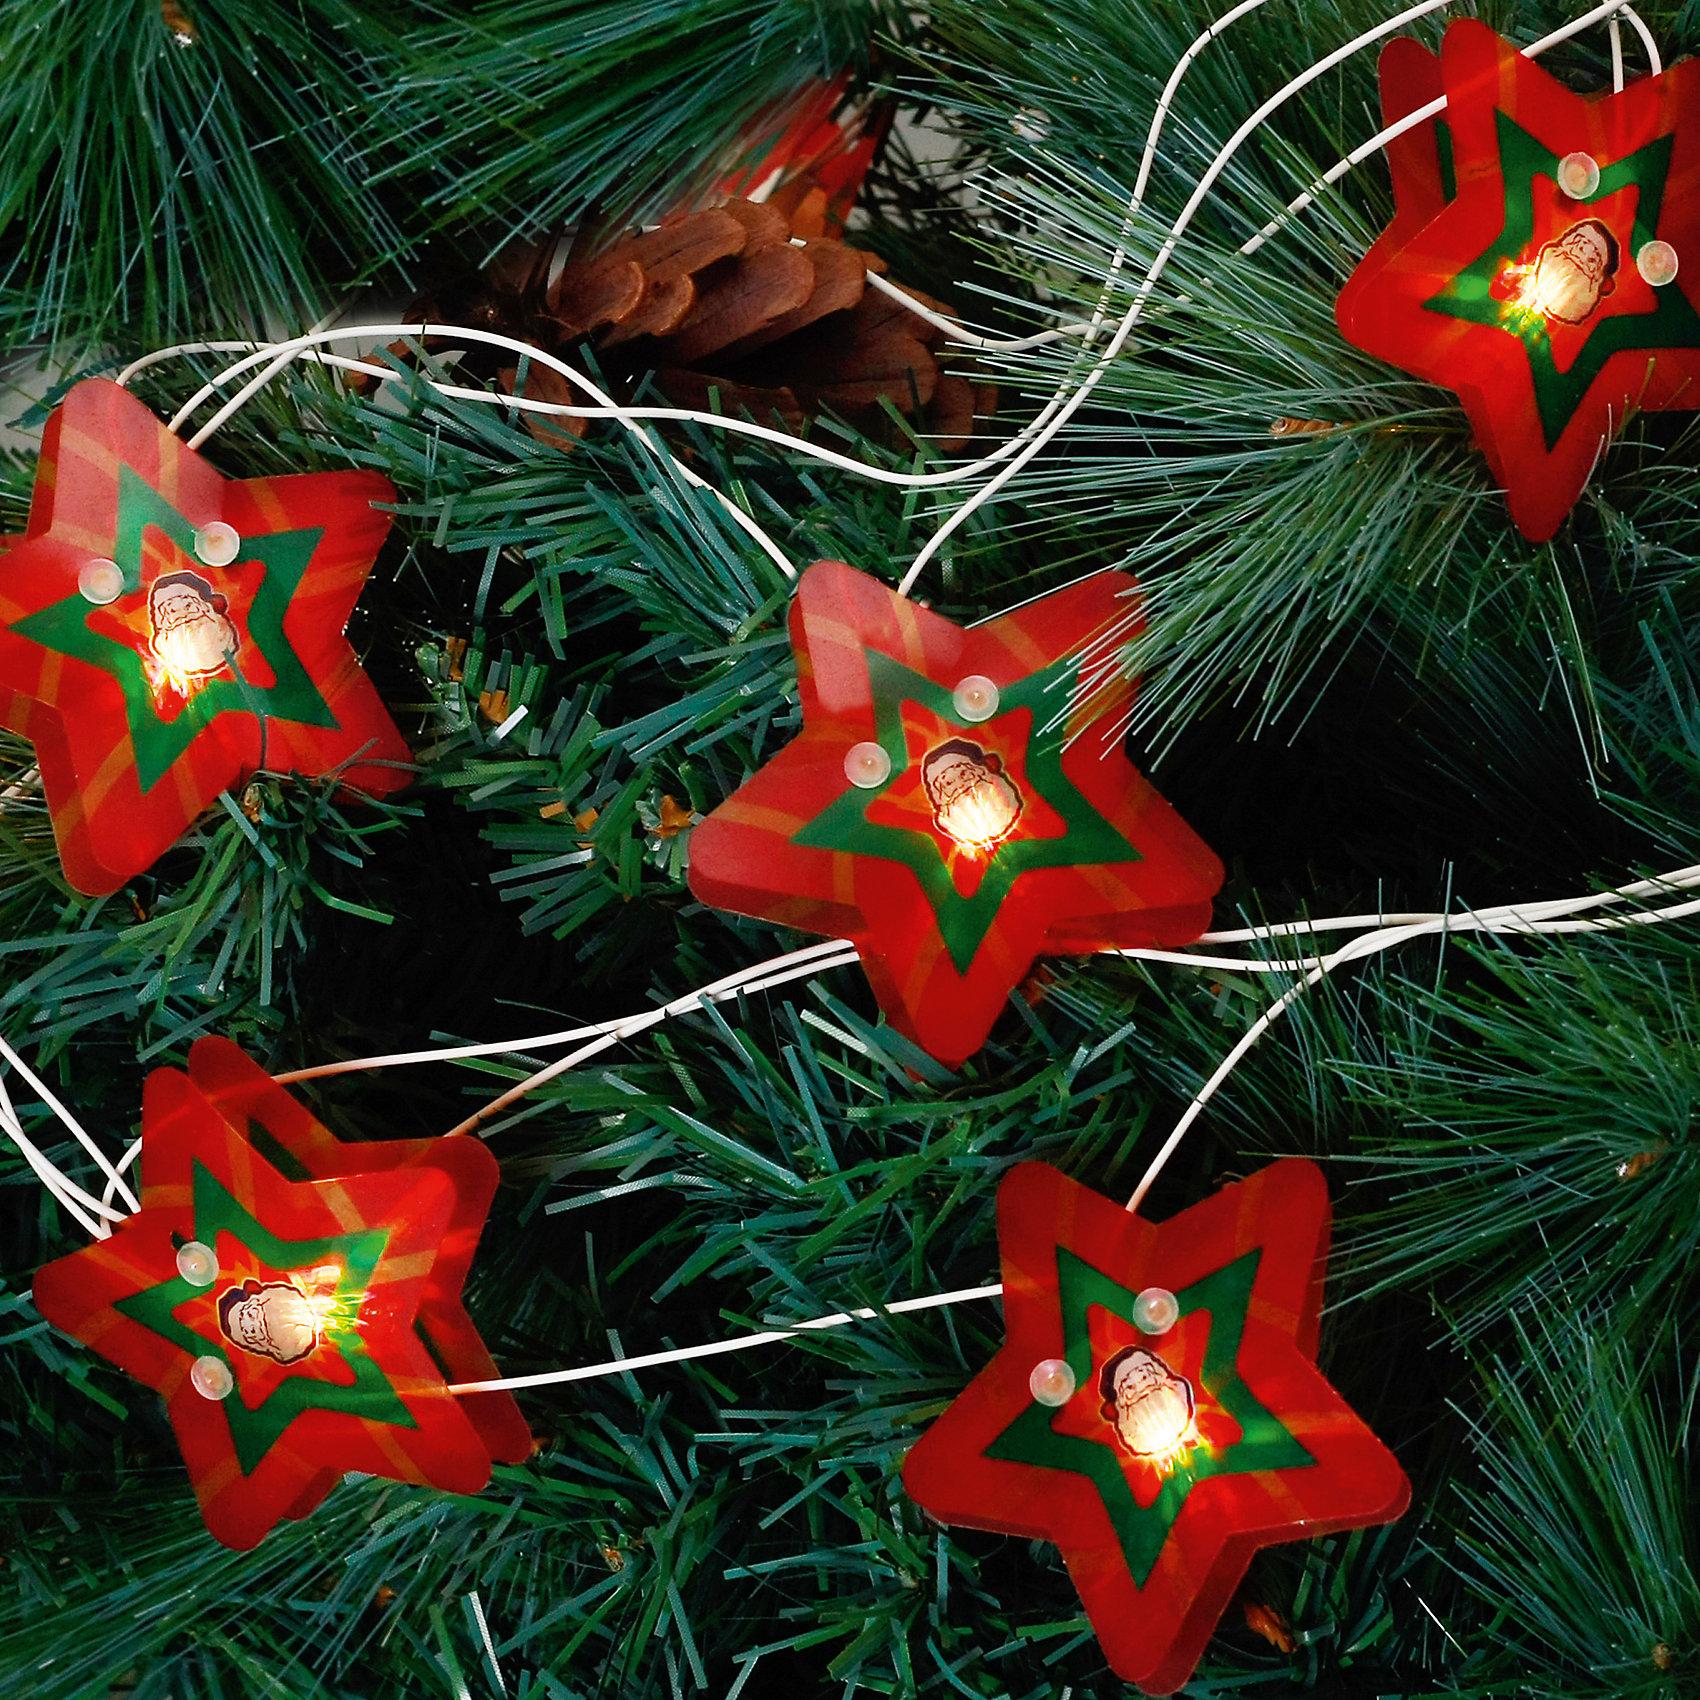 Электрогирлянда Звезда 250 см, 16 лампЭлектрогирлянда Звезда, Феникс-презент, станет замечательным украшением Вашей новогодней елки или интерьера и поможет создать праздничную волшебную атмосферу. Красочная гирлянда состоит из 16 ламп в виде красных звездочек, украшенных изображением Деда Мороза, она будет чудесно смотреться на елке и радовать детей и взрослых. Имеется тумблер переключения режимов мигания огней (8 режимов). Мощность ламп - 30,7 Вт, работает от сети 220 В.<br><br><br>Дополнительная информация:<br><br>- Материал: ПВХ.<br>- Размер гирлянды: 250 см.<br>- Размер звезды: 7,5 х 5,5 х 2 см.  <br>- Размер упаковки: 2 x 19 x 27 см.<br>- Вес: 120 гр. <br><br>Электрогирлянду Звезда 250 см, 16 ламп, Феникс-презент, можно купить в нашем интернет-магазине.<br><br>Ширина мм: 20<br>Глубина мм: 190<br>Высота мм: 270<br>Вес г: 120<br>Возраст от месяцев: 36<br>Возраст до месяцев: 2147483647<br>Пол: Унисекс<br>Возраст: Детский<br>SKU: 4274731